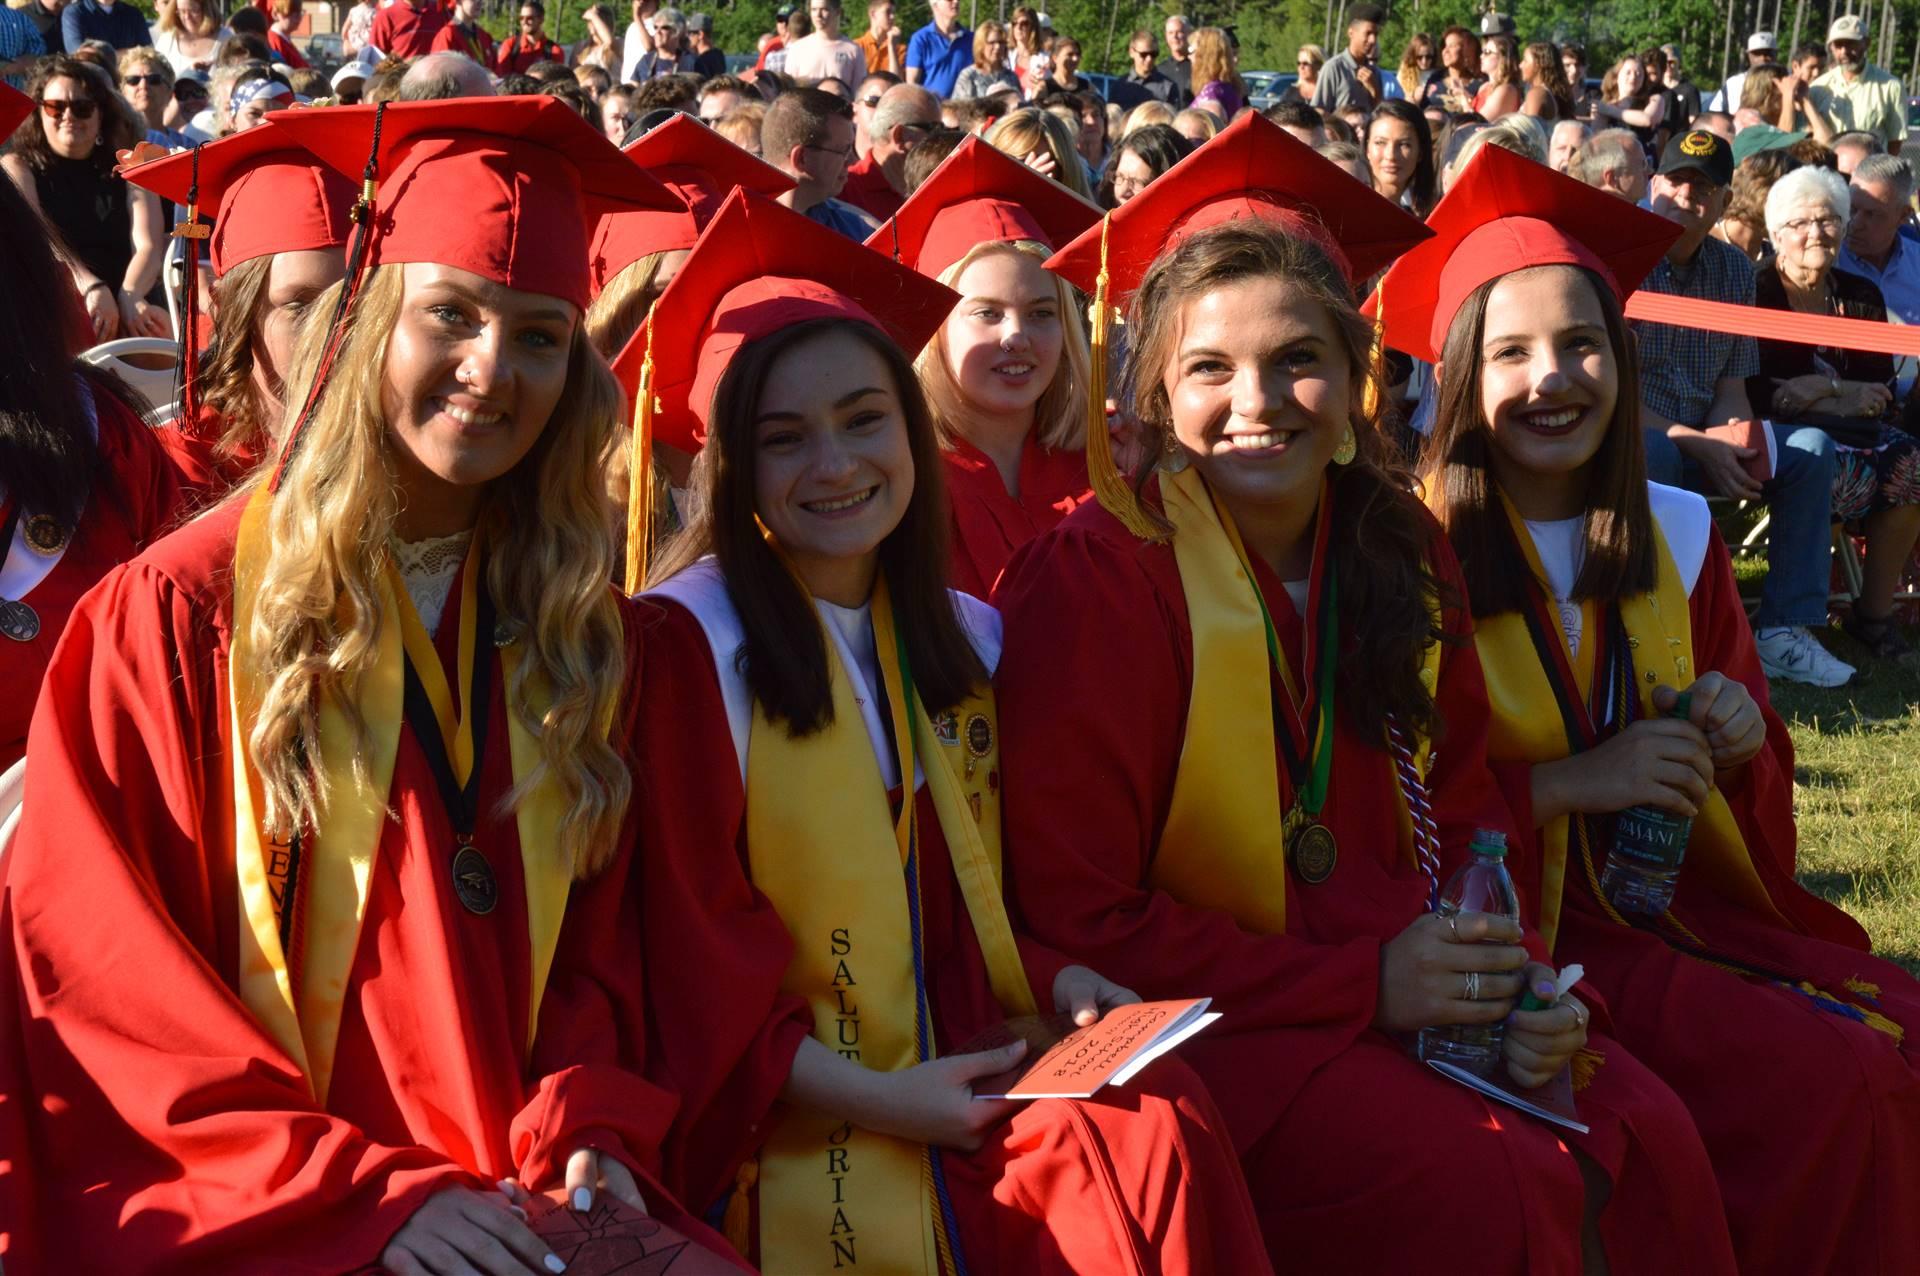 Molly, Brianna, Lindsay & Mary at Graduation